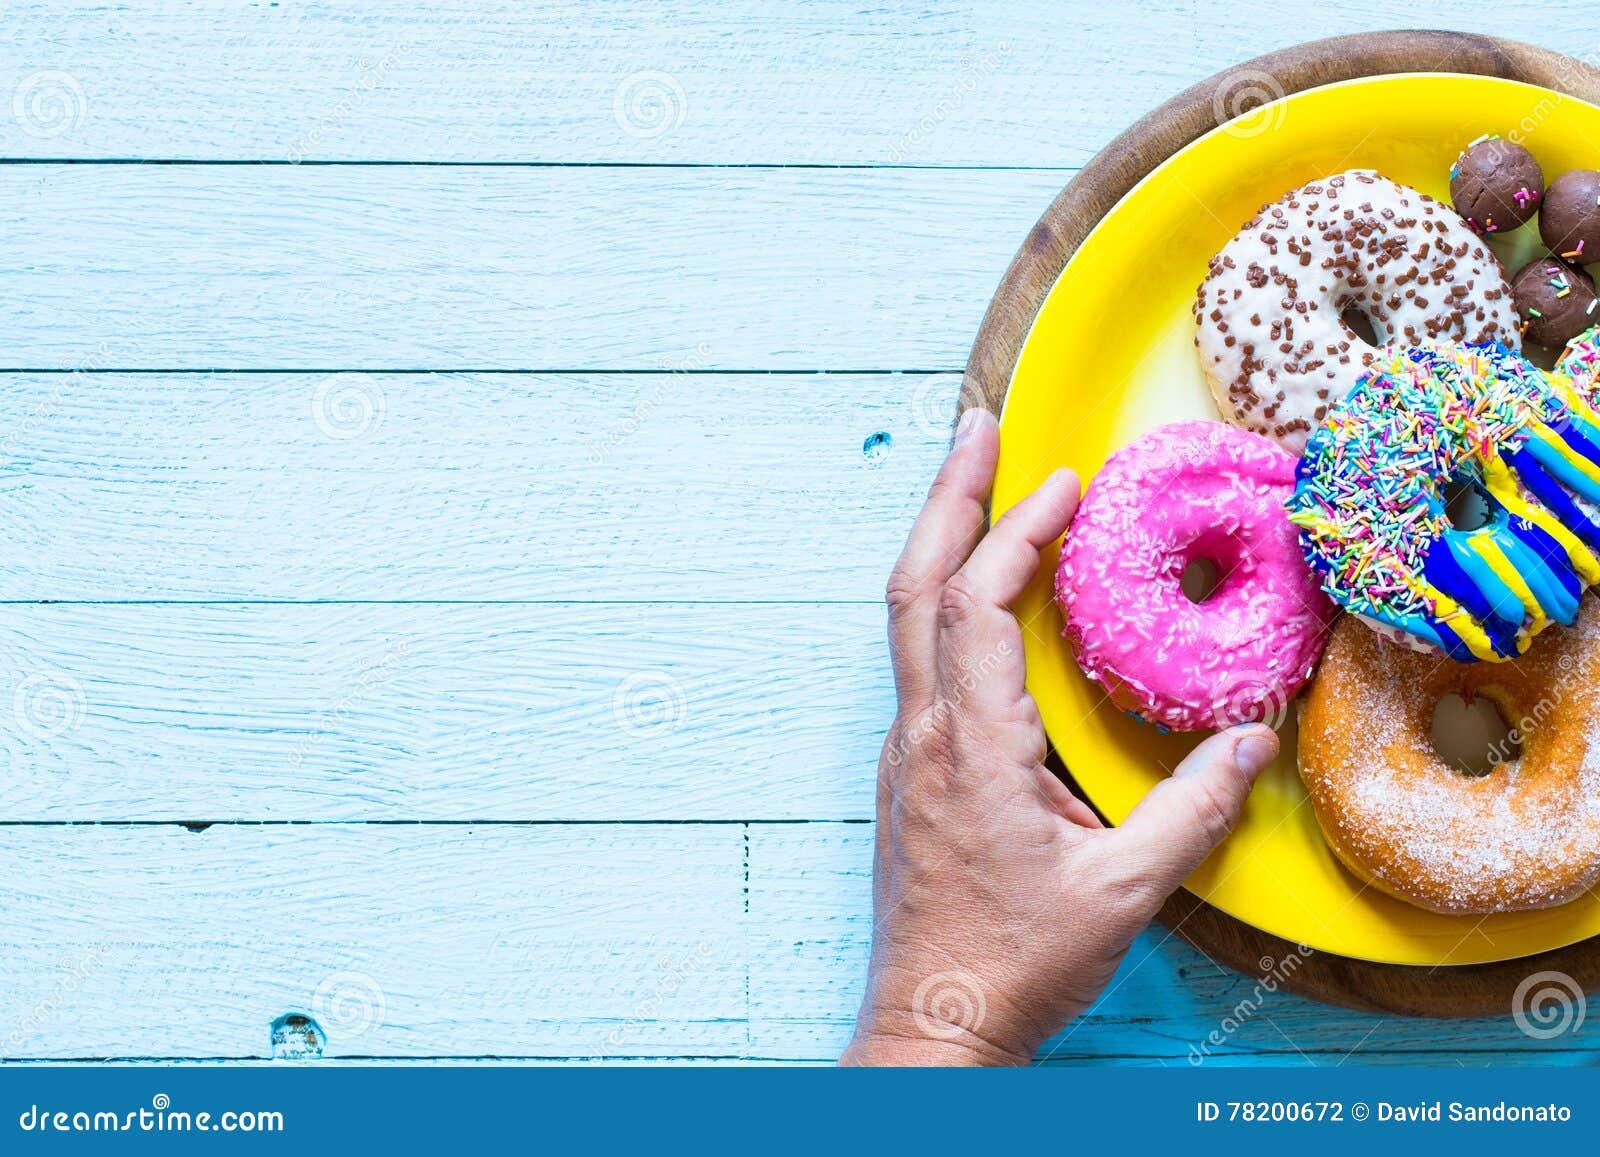 Ζωηρόχρωμη σύνθεση προγευμάτων Donuts με τις διαφορετικές μορφές χρώματος